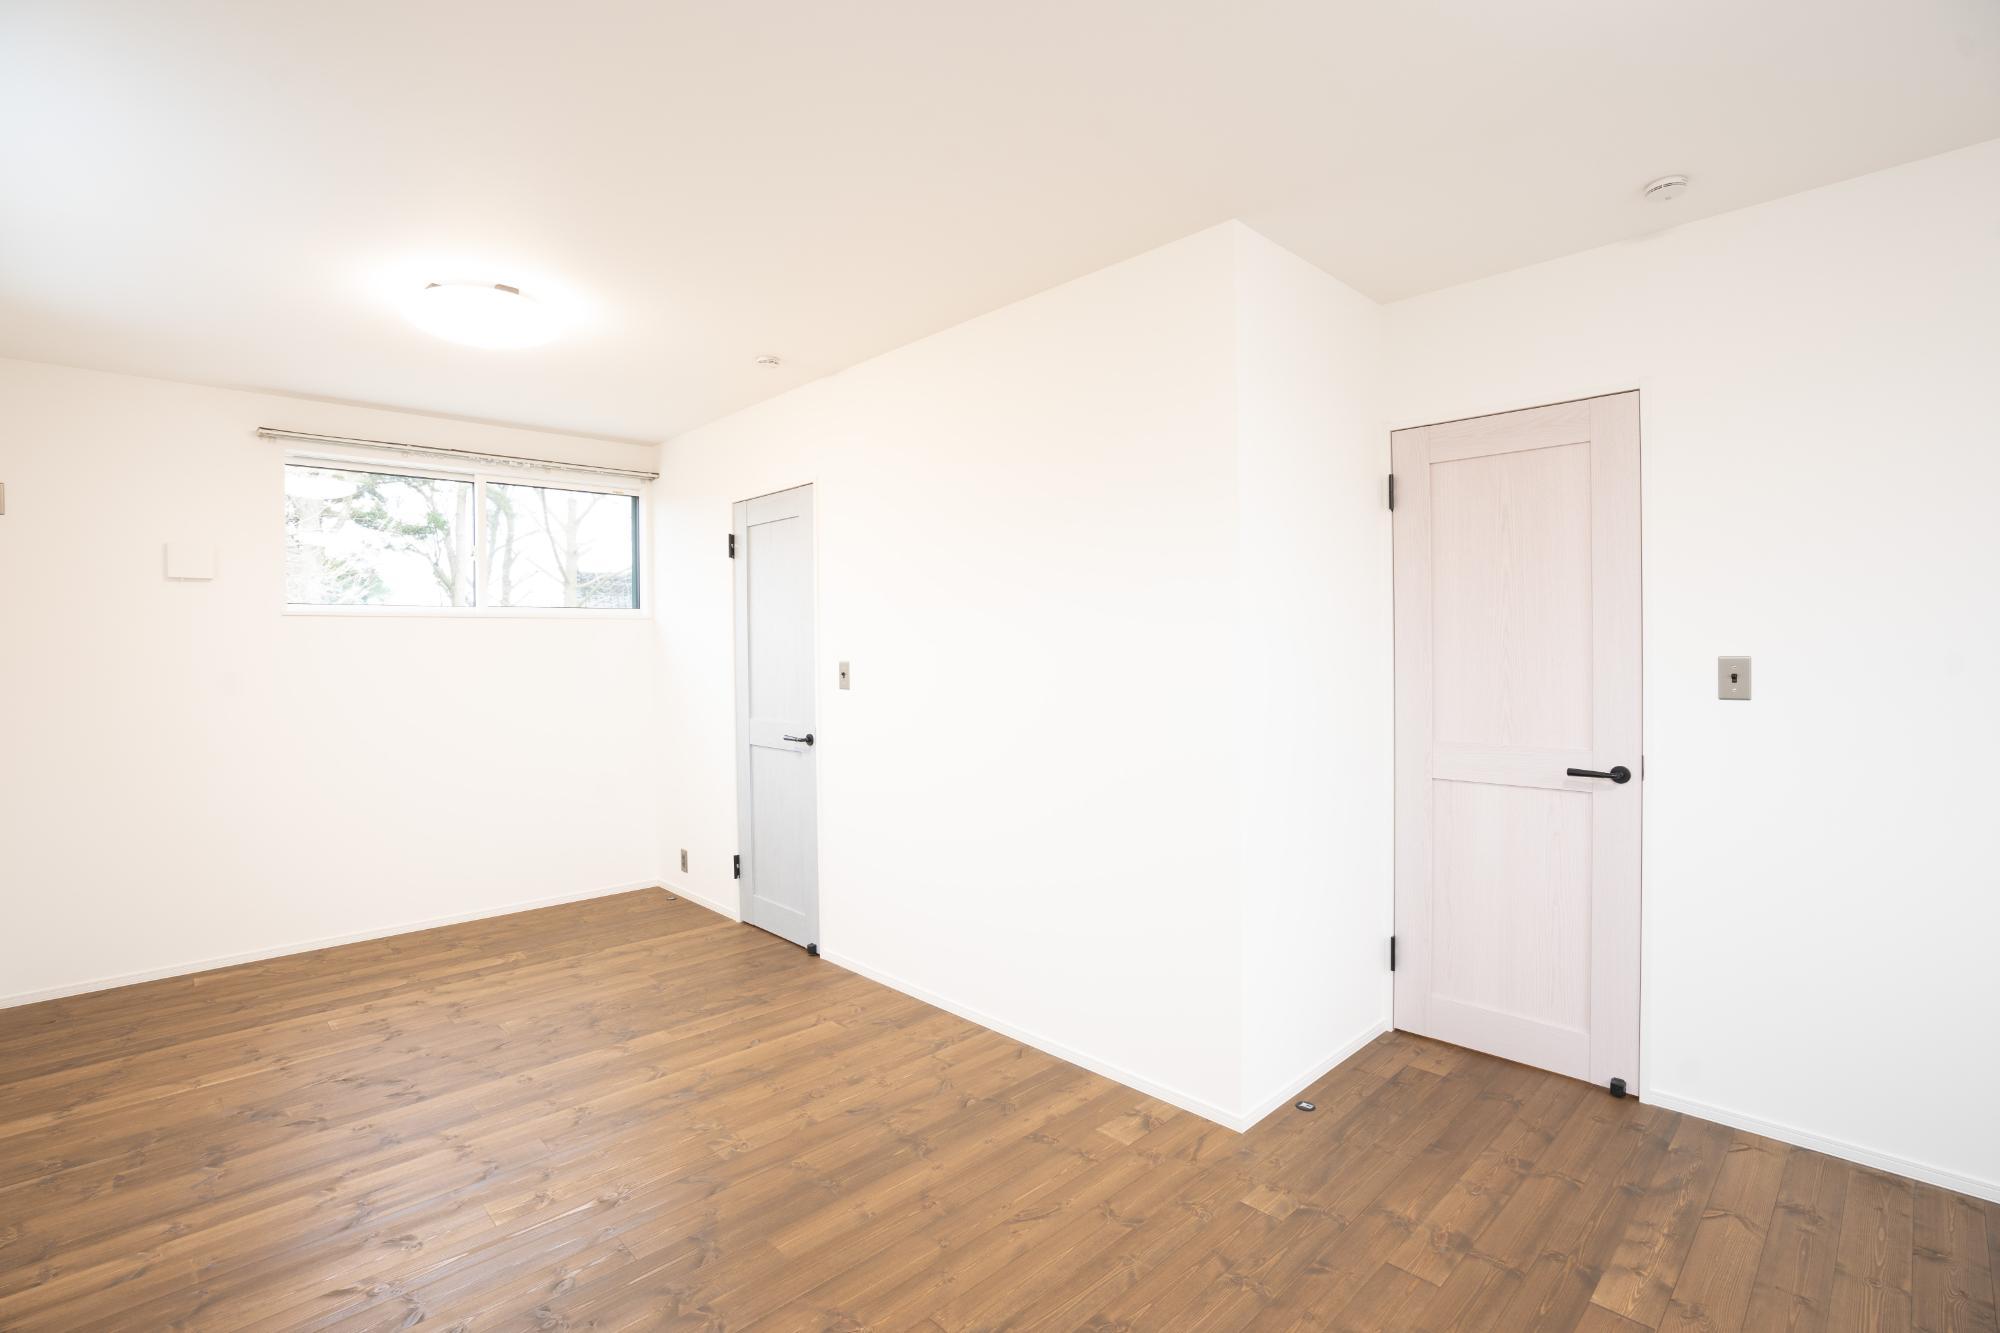 株式会社 山築「MODARN  CUBE STYLE」のシンプル・ナチュラル・北欧風な居室の実例写真